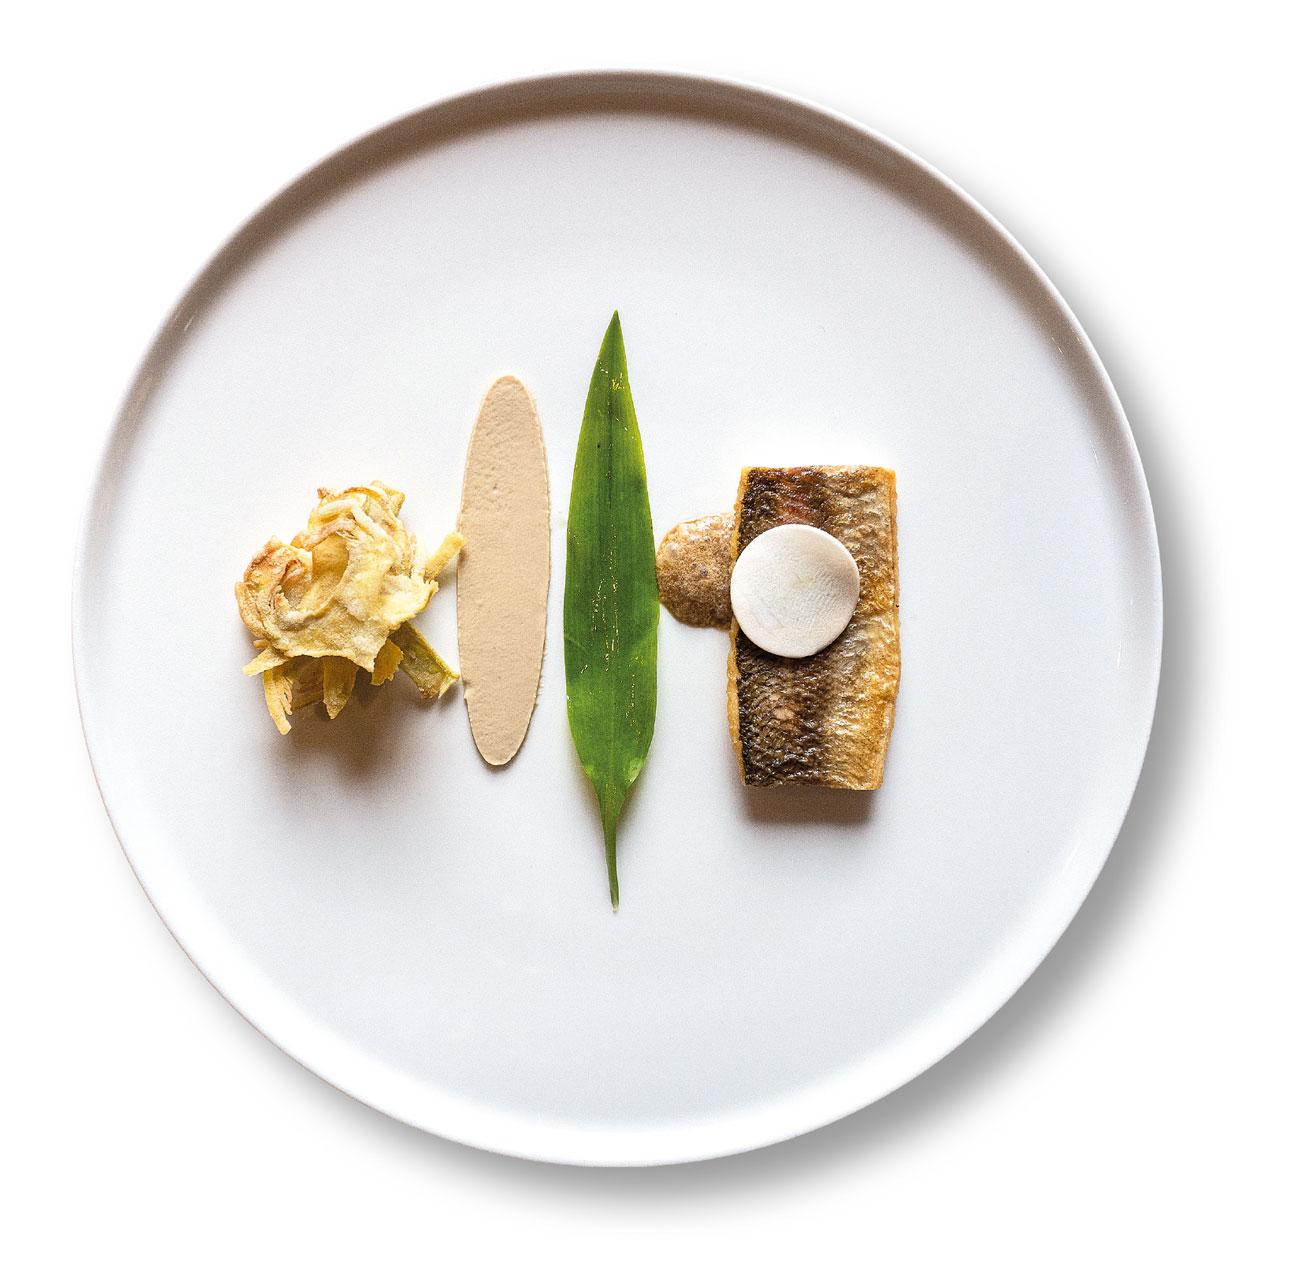 Lavarello del Gardesano alla plancia con funghi e la loro emulsione di sottobosco, carciofi spinosi fritti dello chef Perbellini